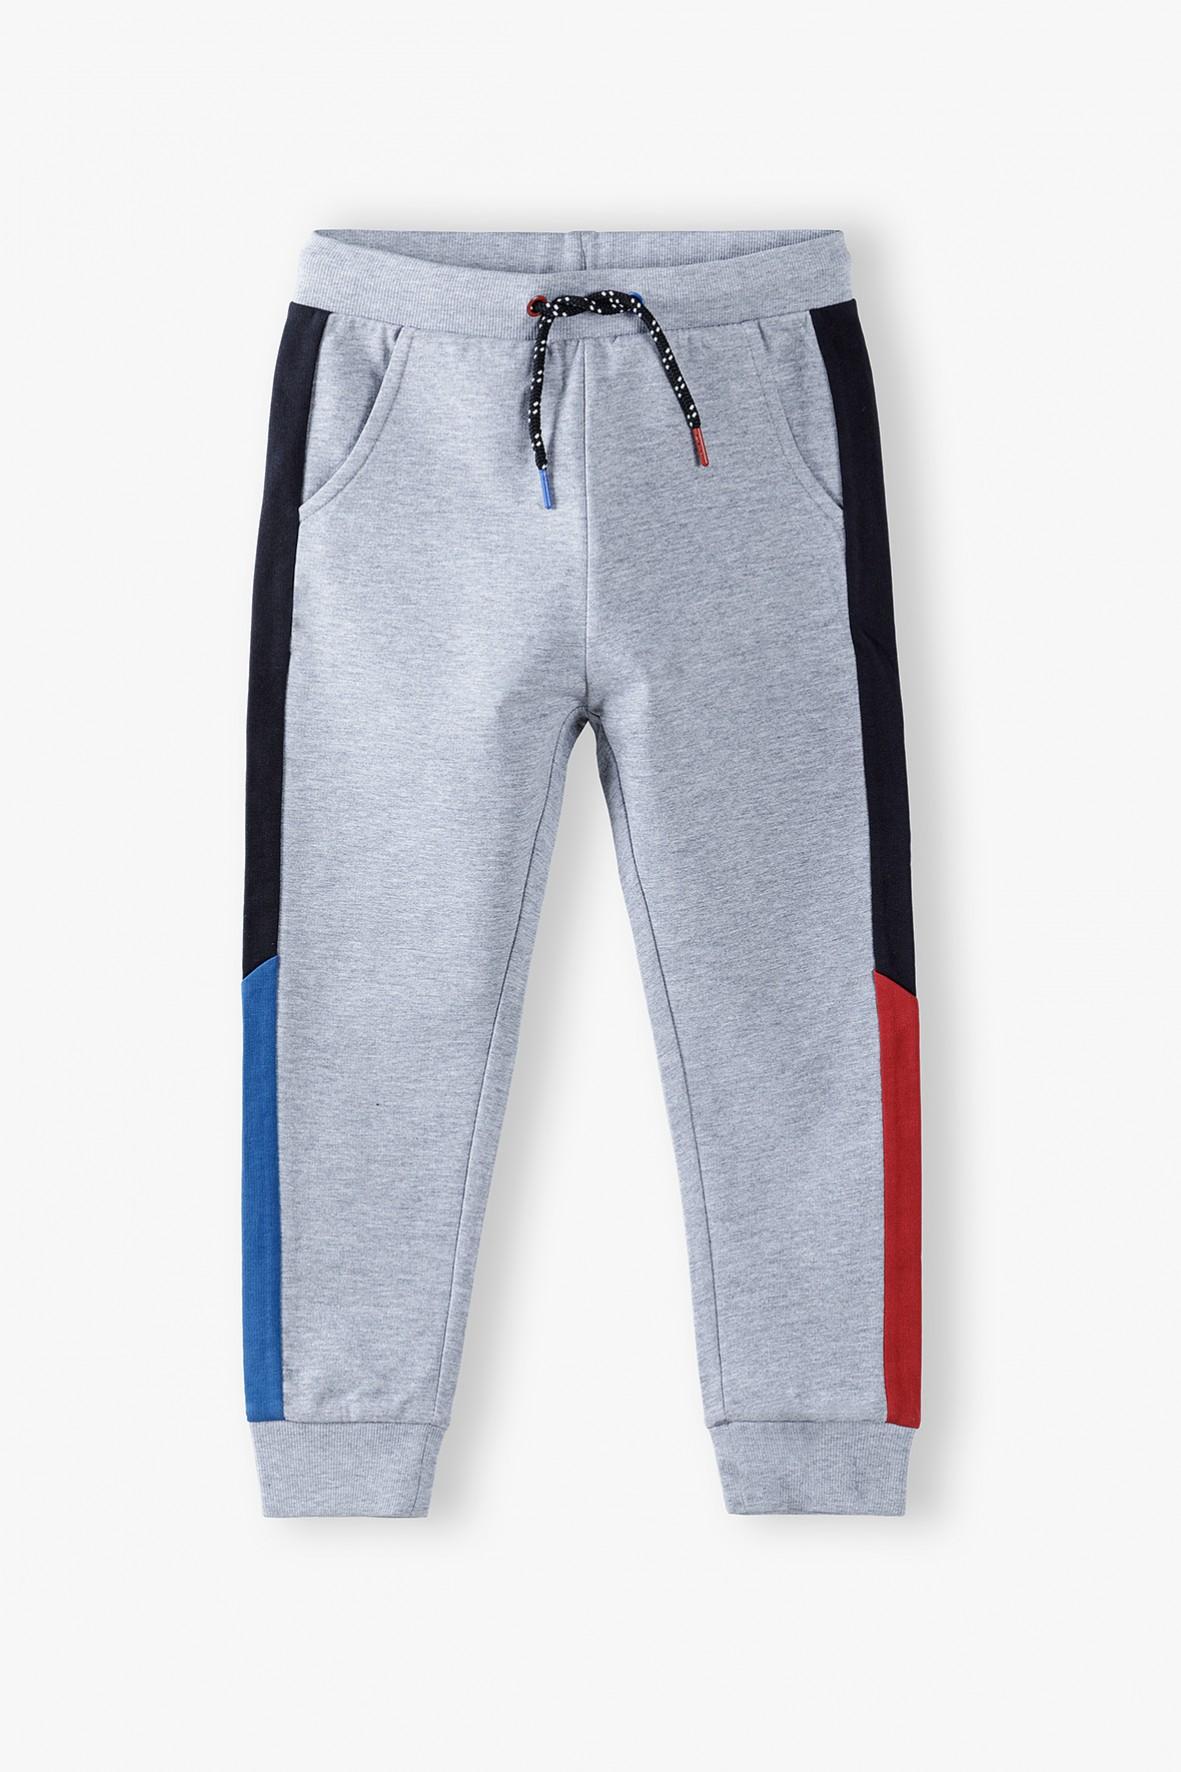 Spodnie dresowe chłopięce wielkolorowe